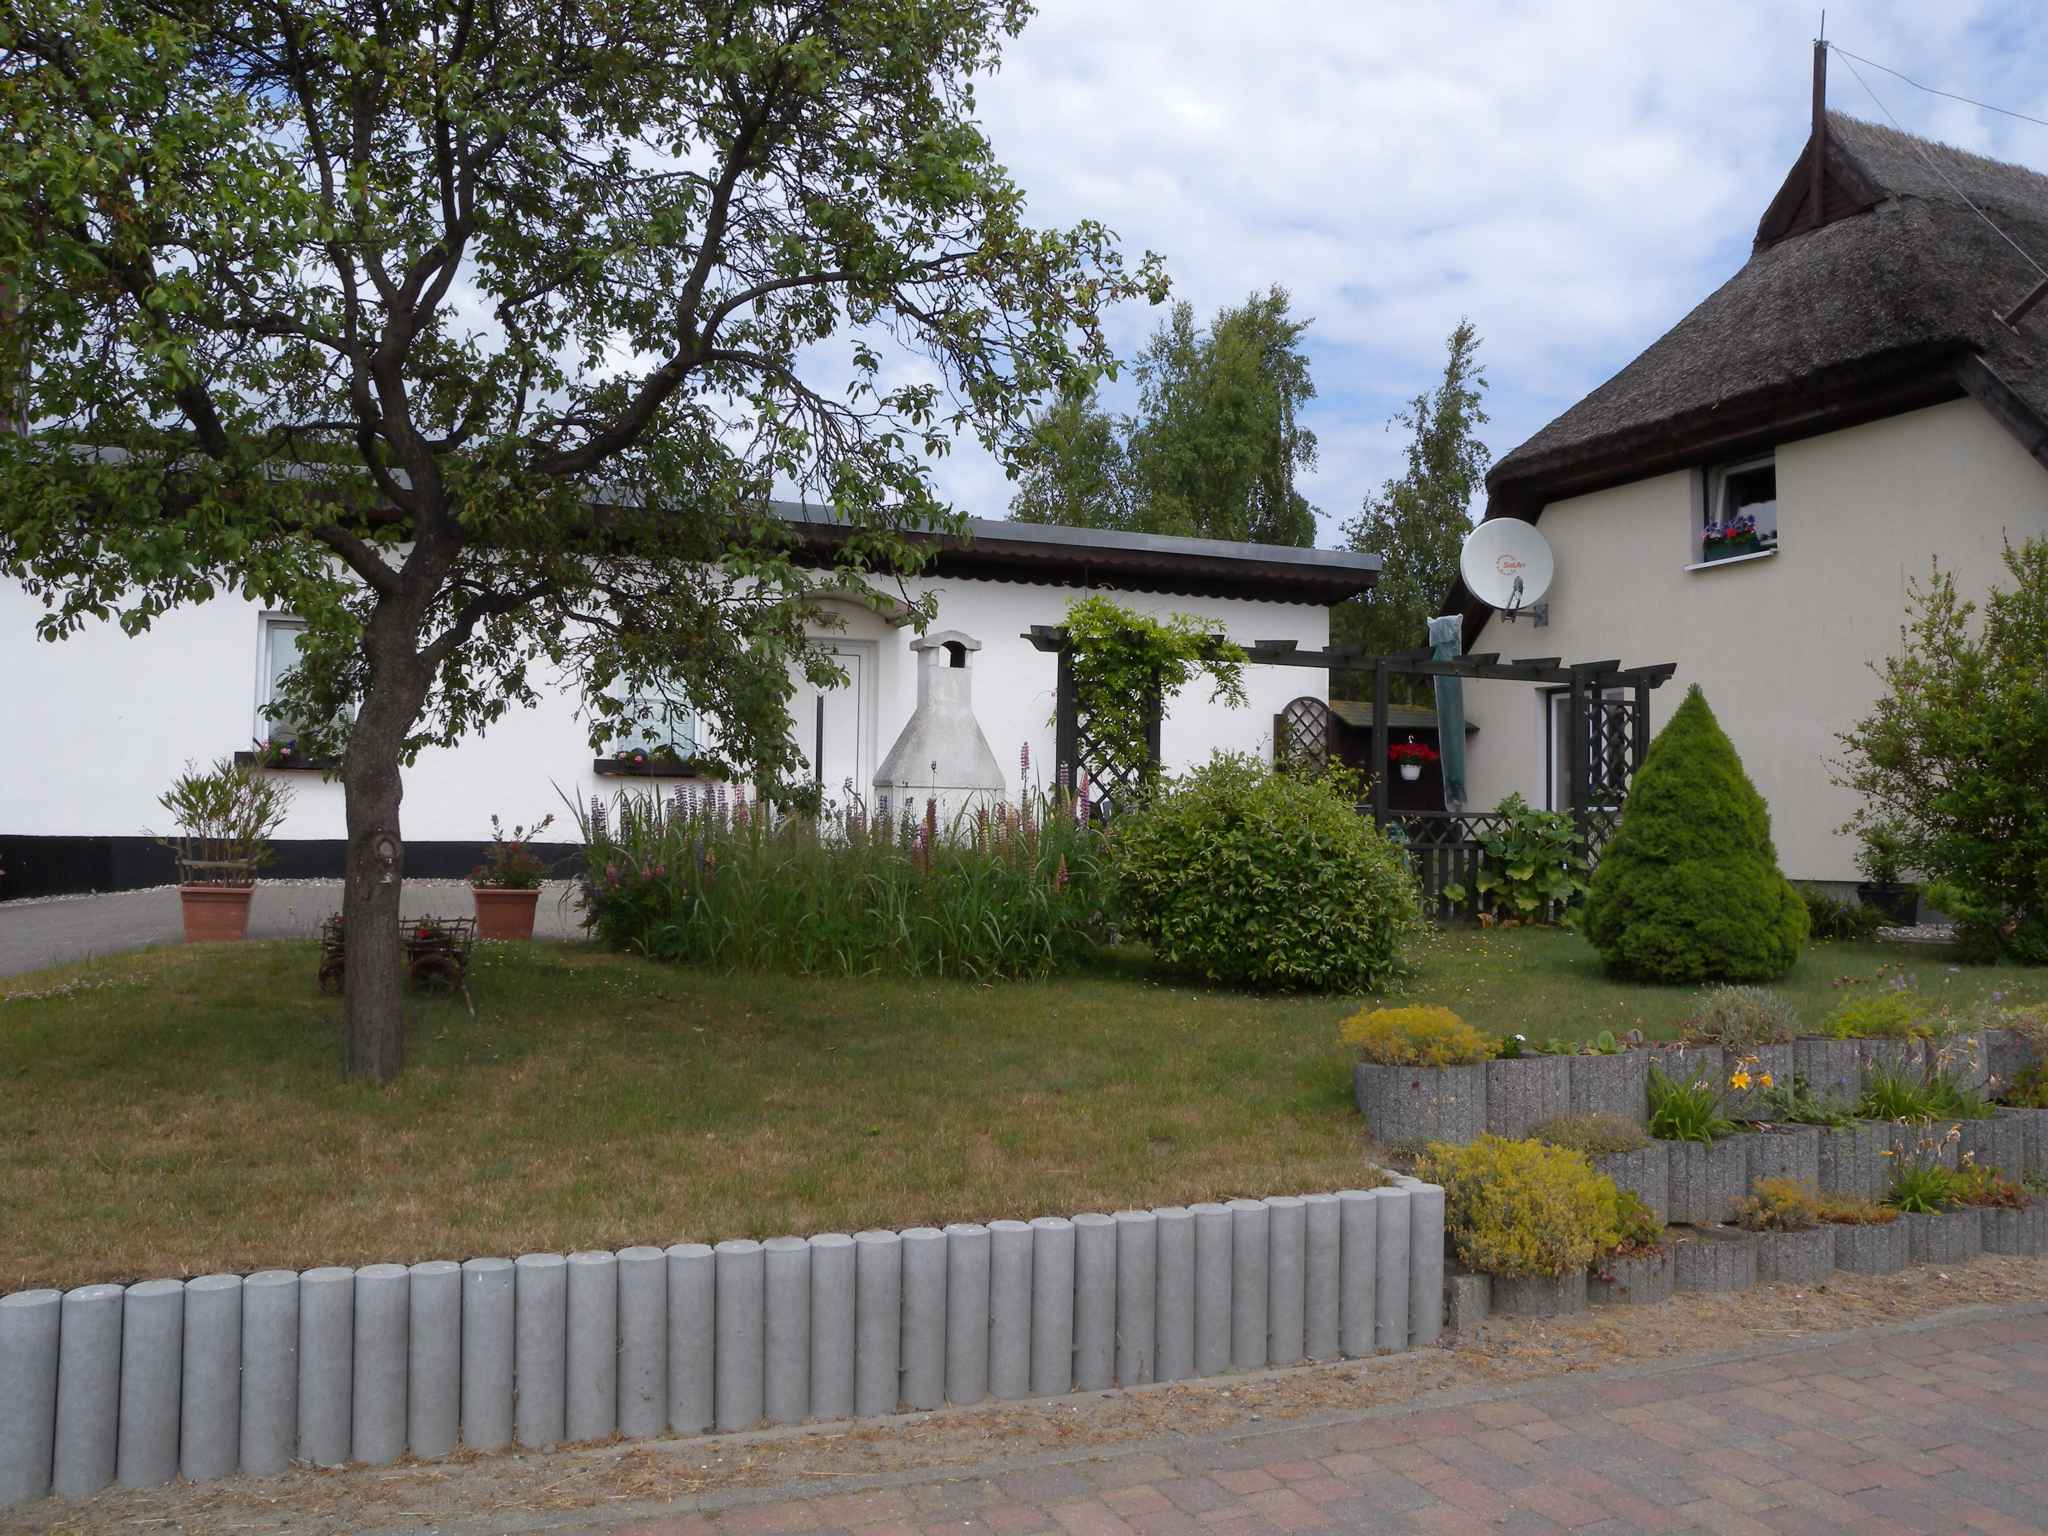 Ferienhaus mit Grillterrasse, an der Granitz